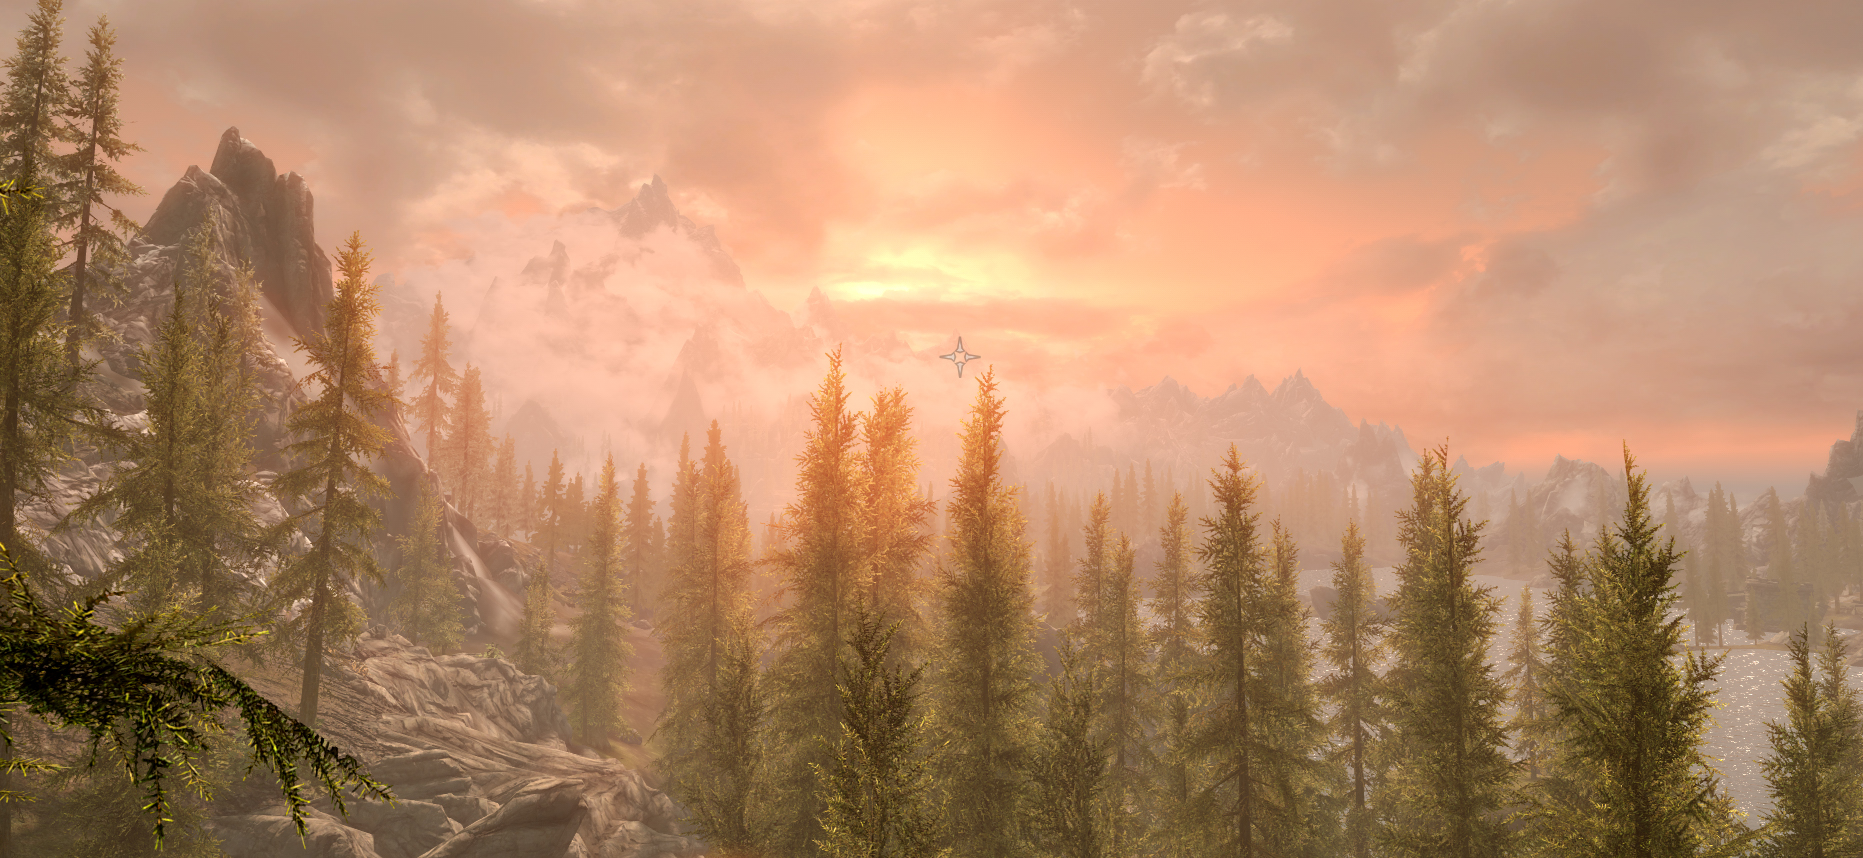 The Elder Scrolls V: Skyrim. Image Credit: Bethesda.